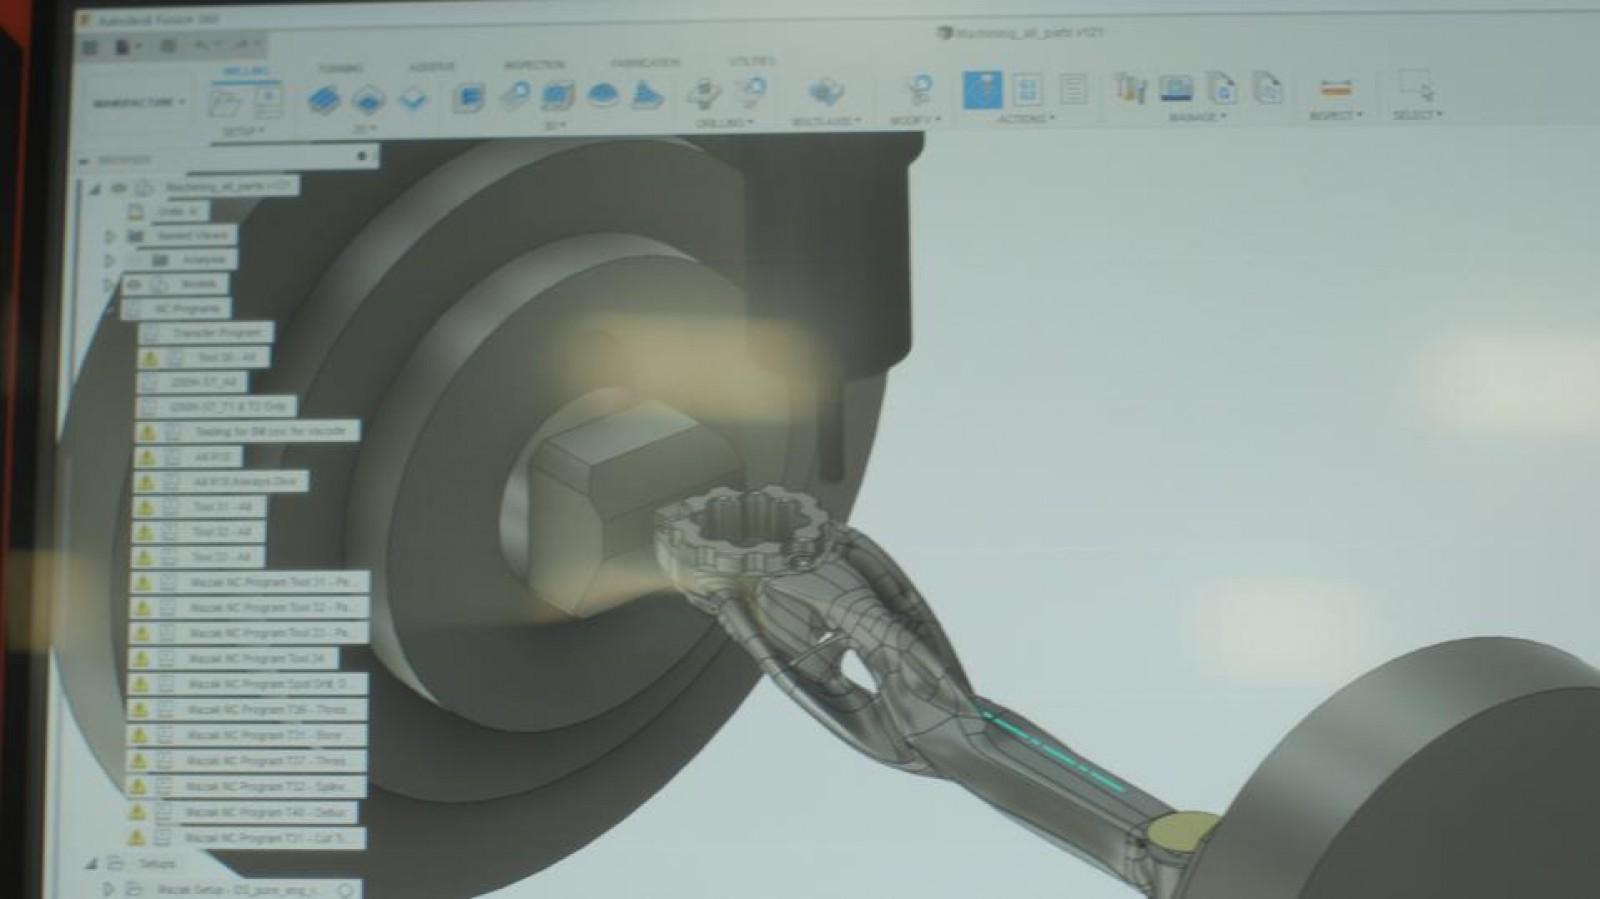 bielas-sram-autodesk-3d/